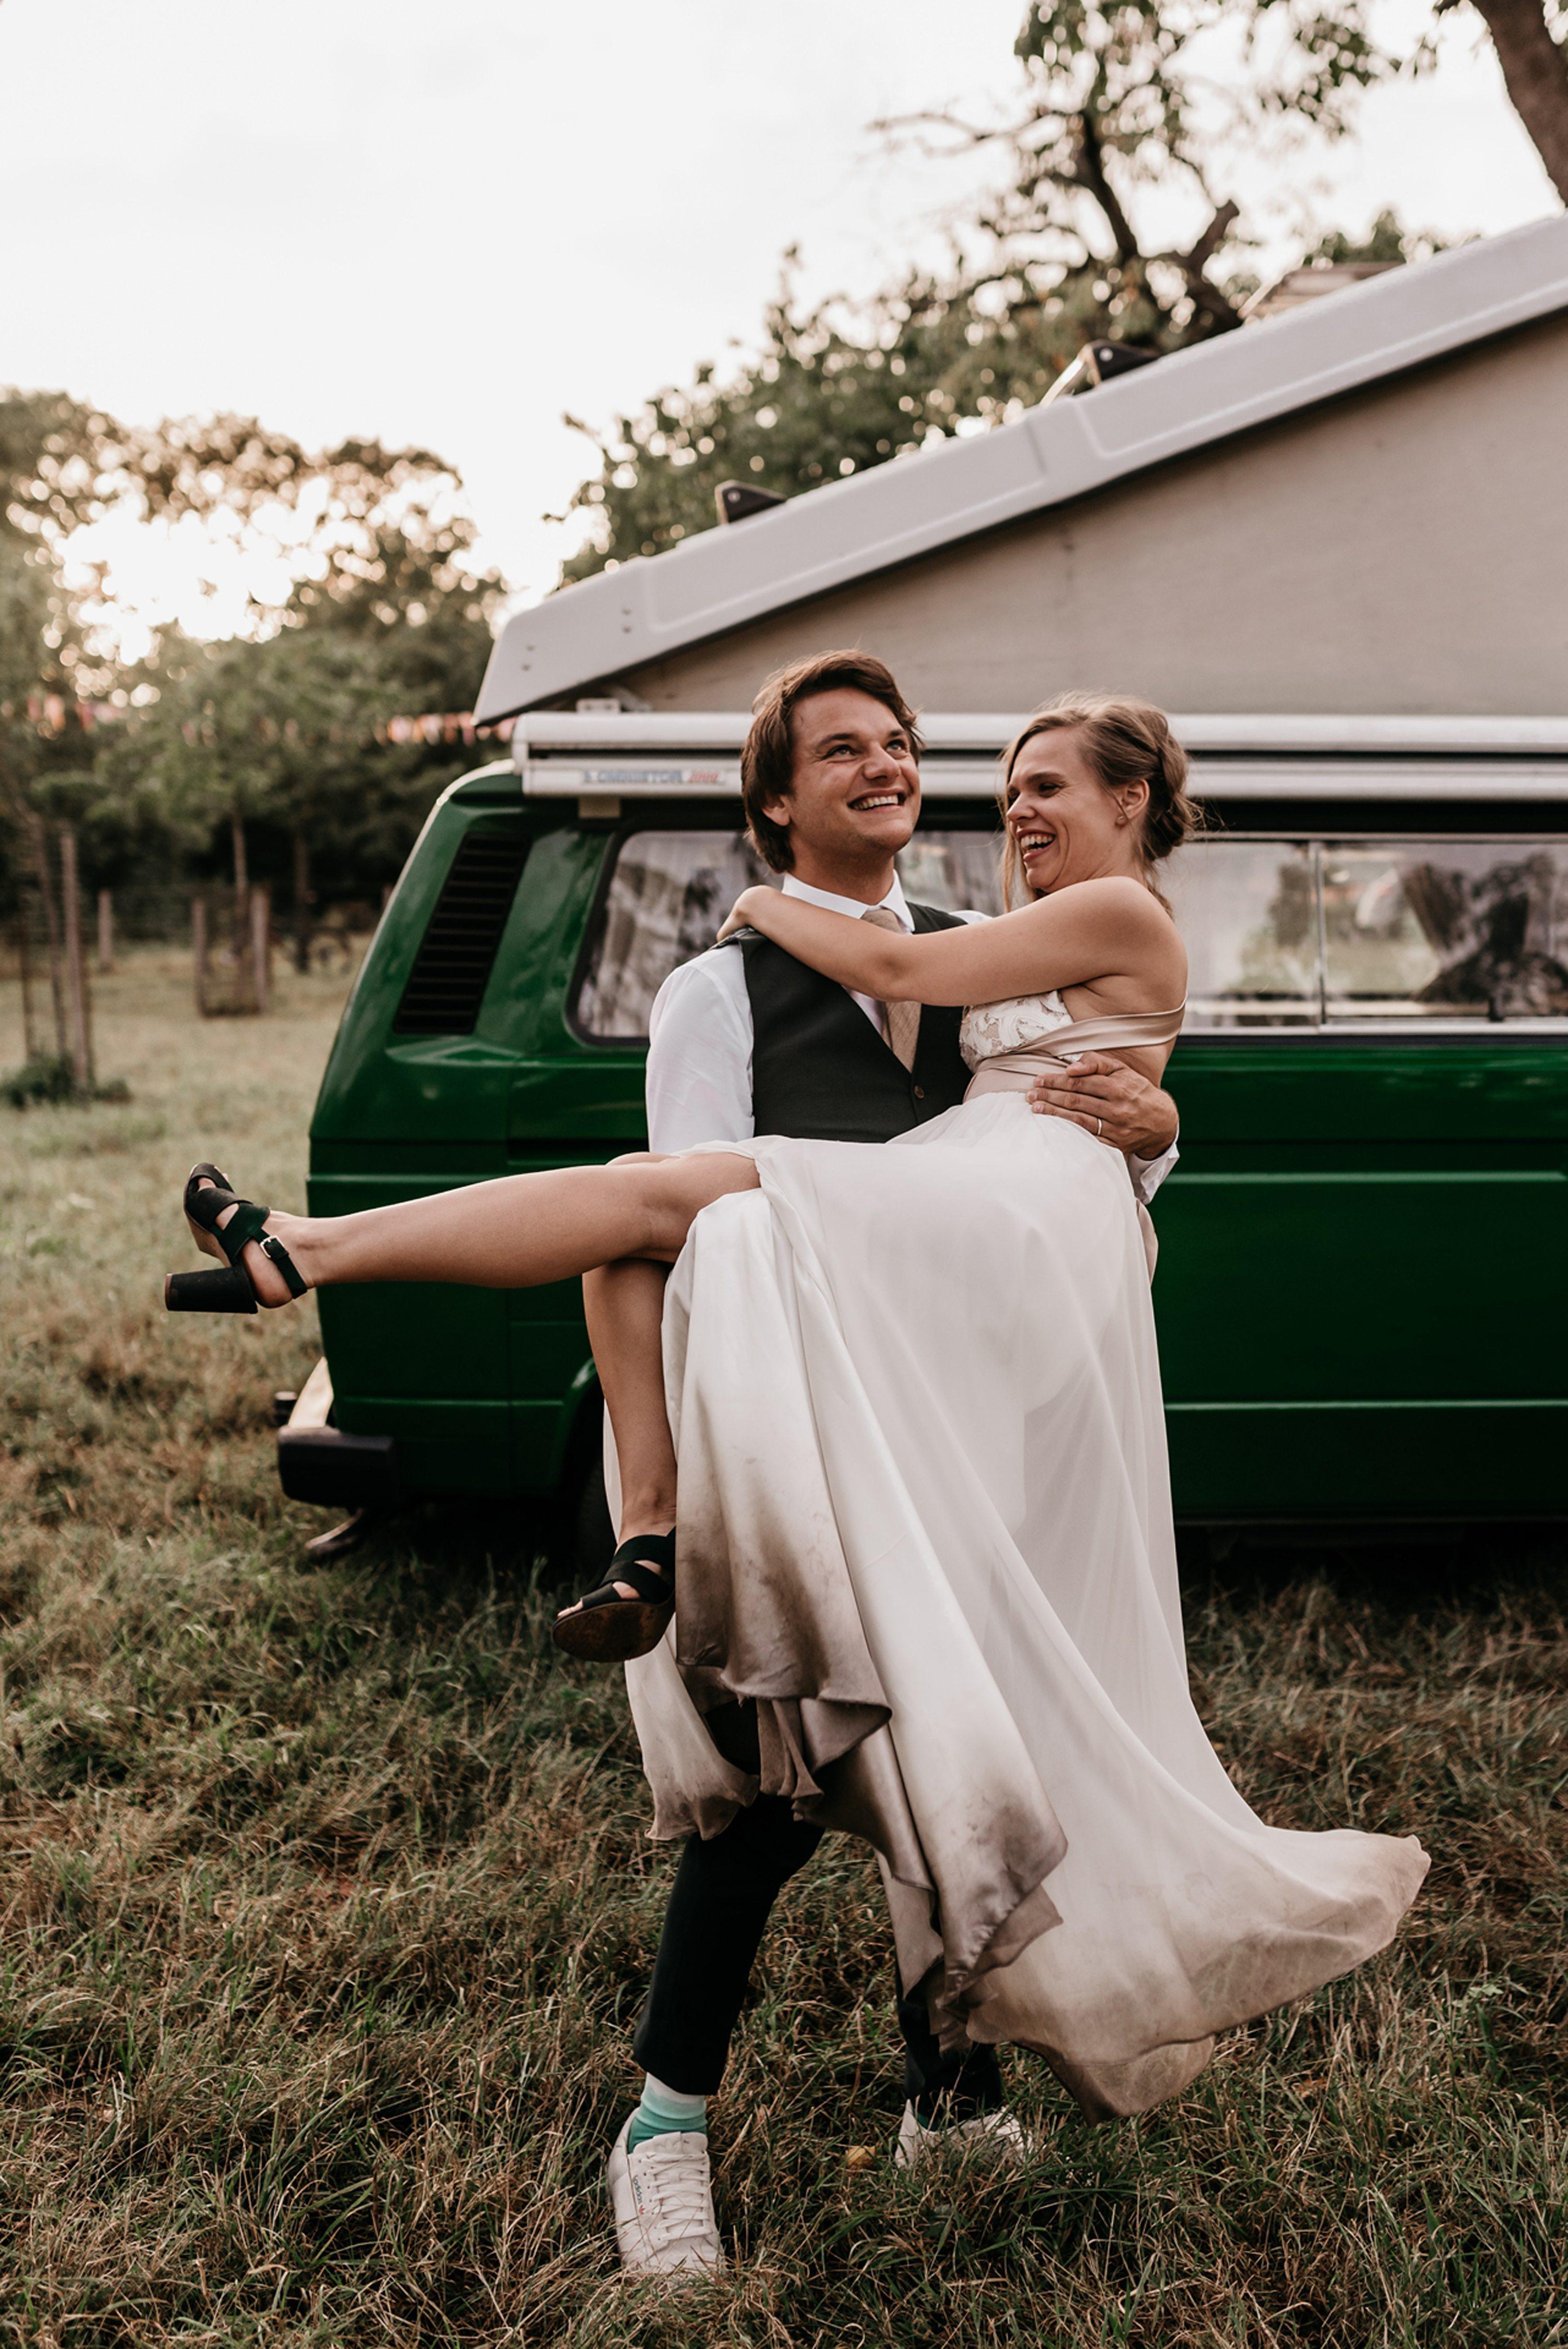 festivalbruiloft, bruiloft